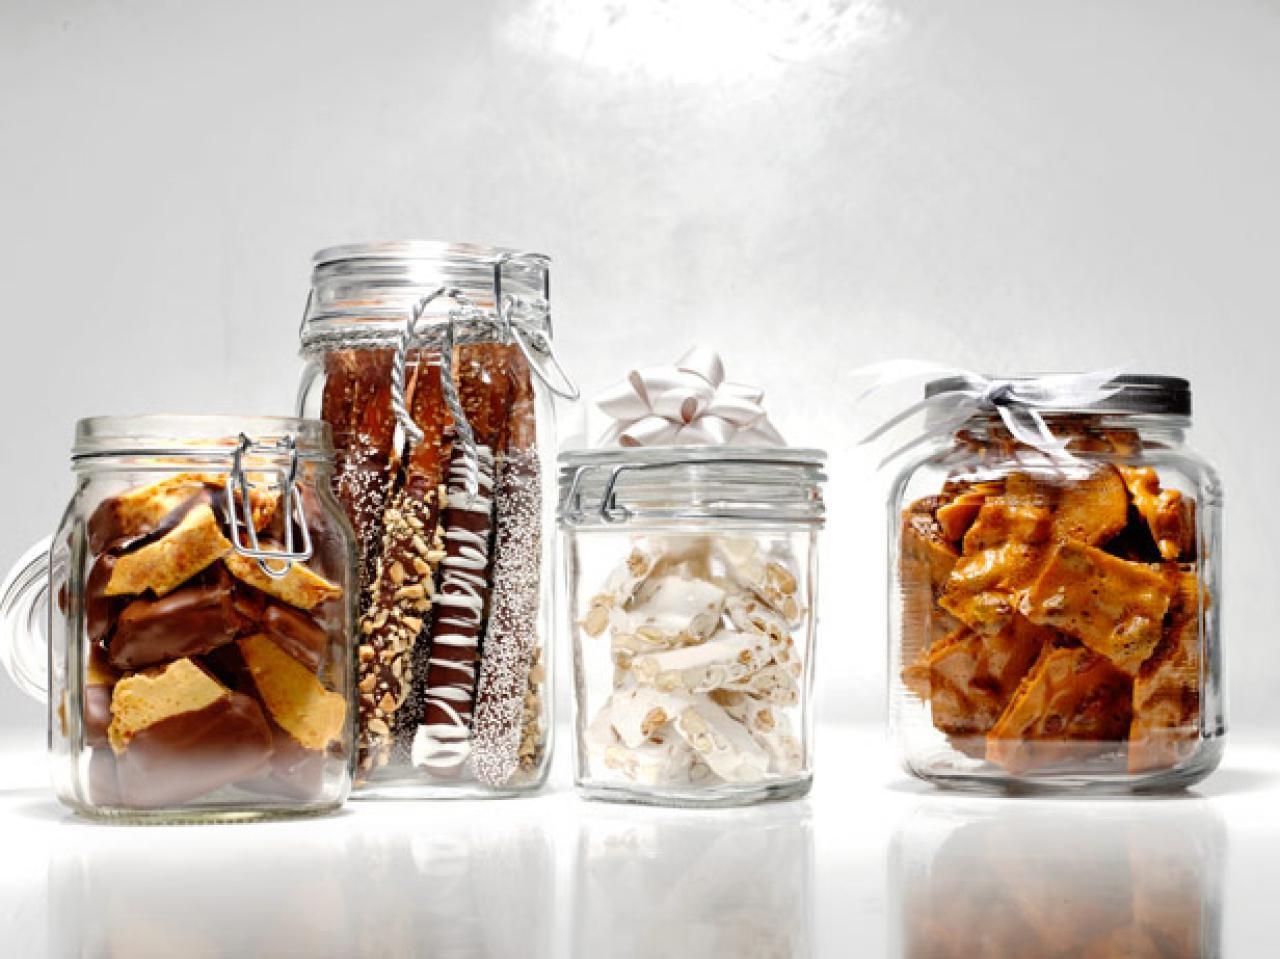 Noël zéro déchet: donnez à vos proches des bonbons et des biscuits faits maison.